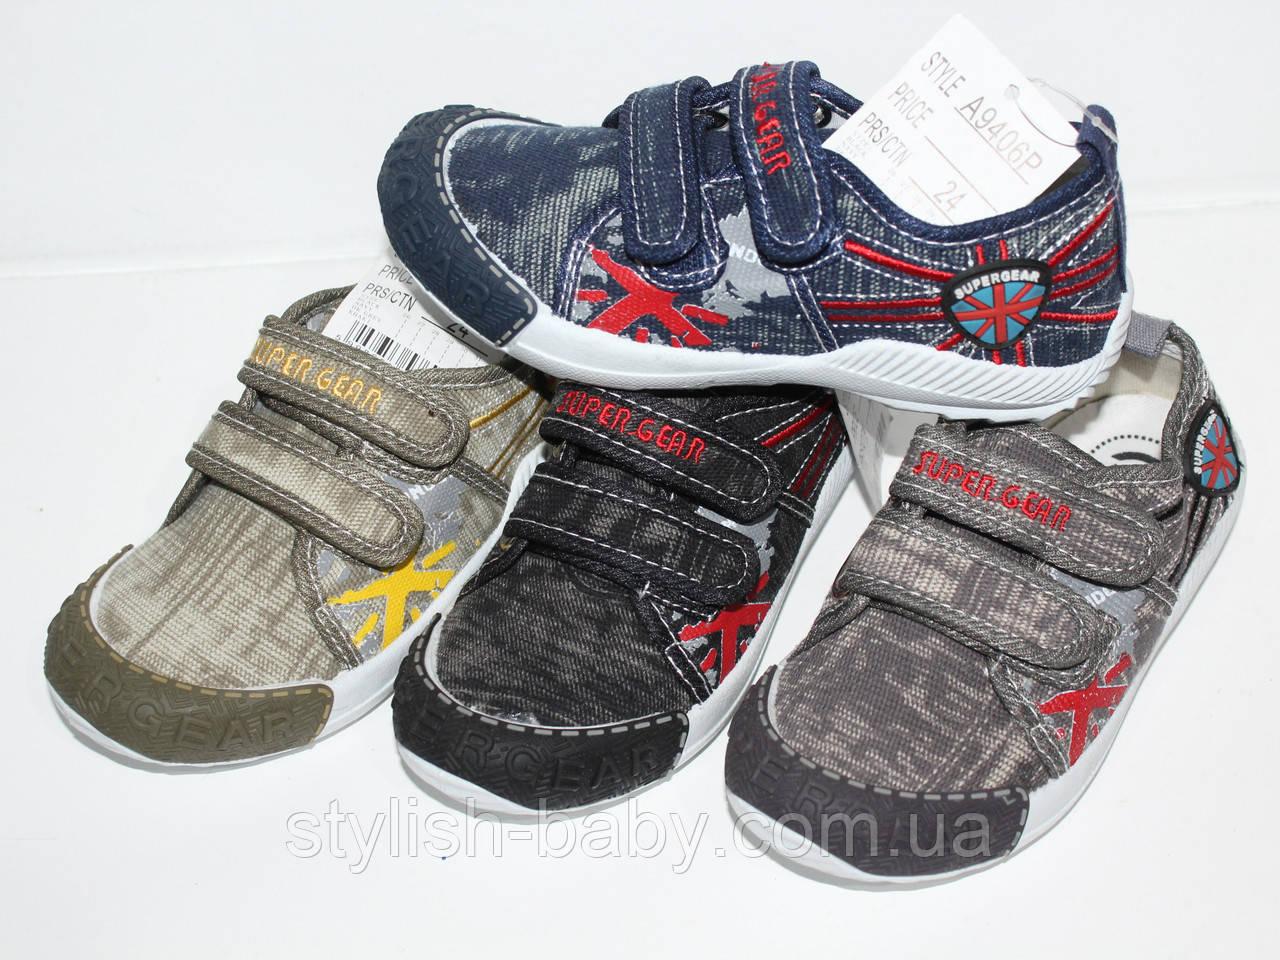 2a913c9e2 Детская обувь оптом. Детские кеды бренда Super Gear для мальчиков (рр. с 26  по 31), цена 92 грн., купить в Одессе — Prom.ua (ID#468024474)